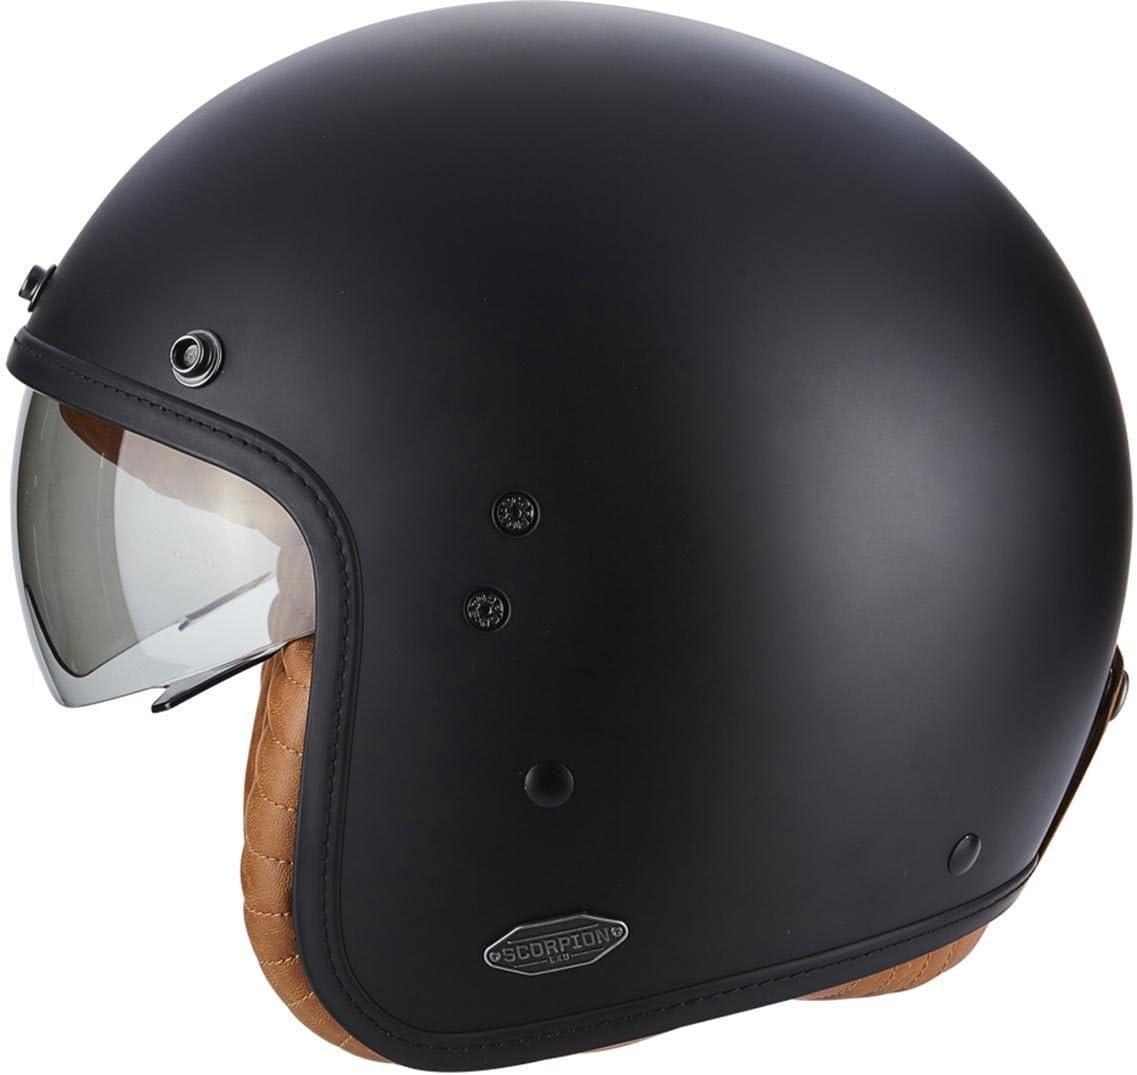 Scorpion Helm Motorrad Belfast Luxe Gr/ö/ße XXXL mehrfarbig